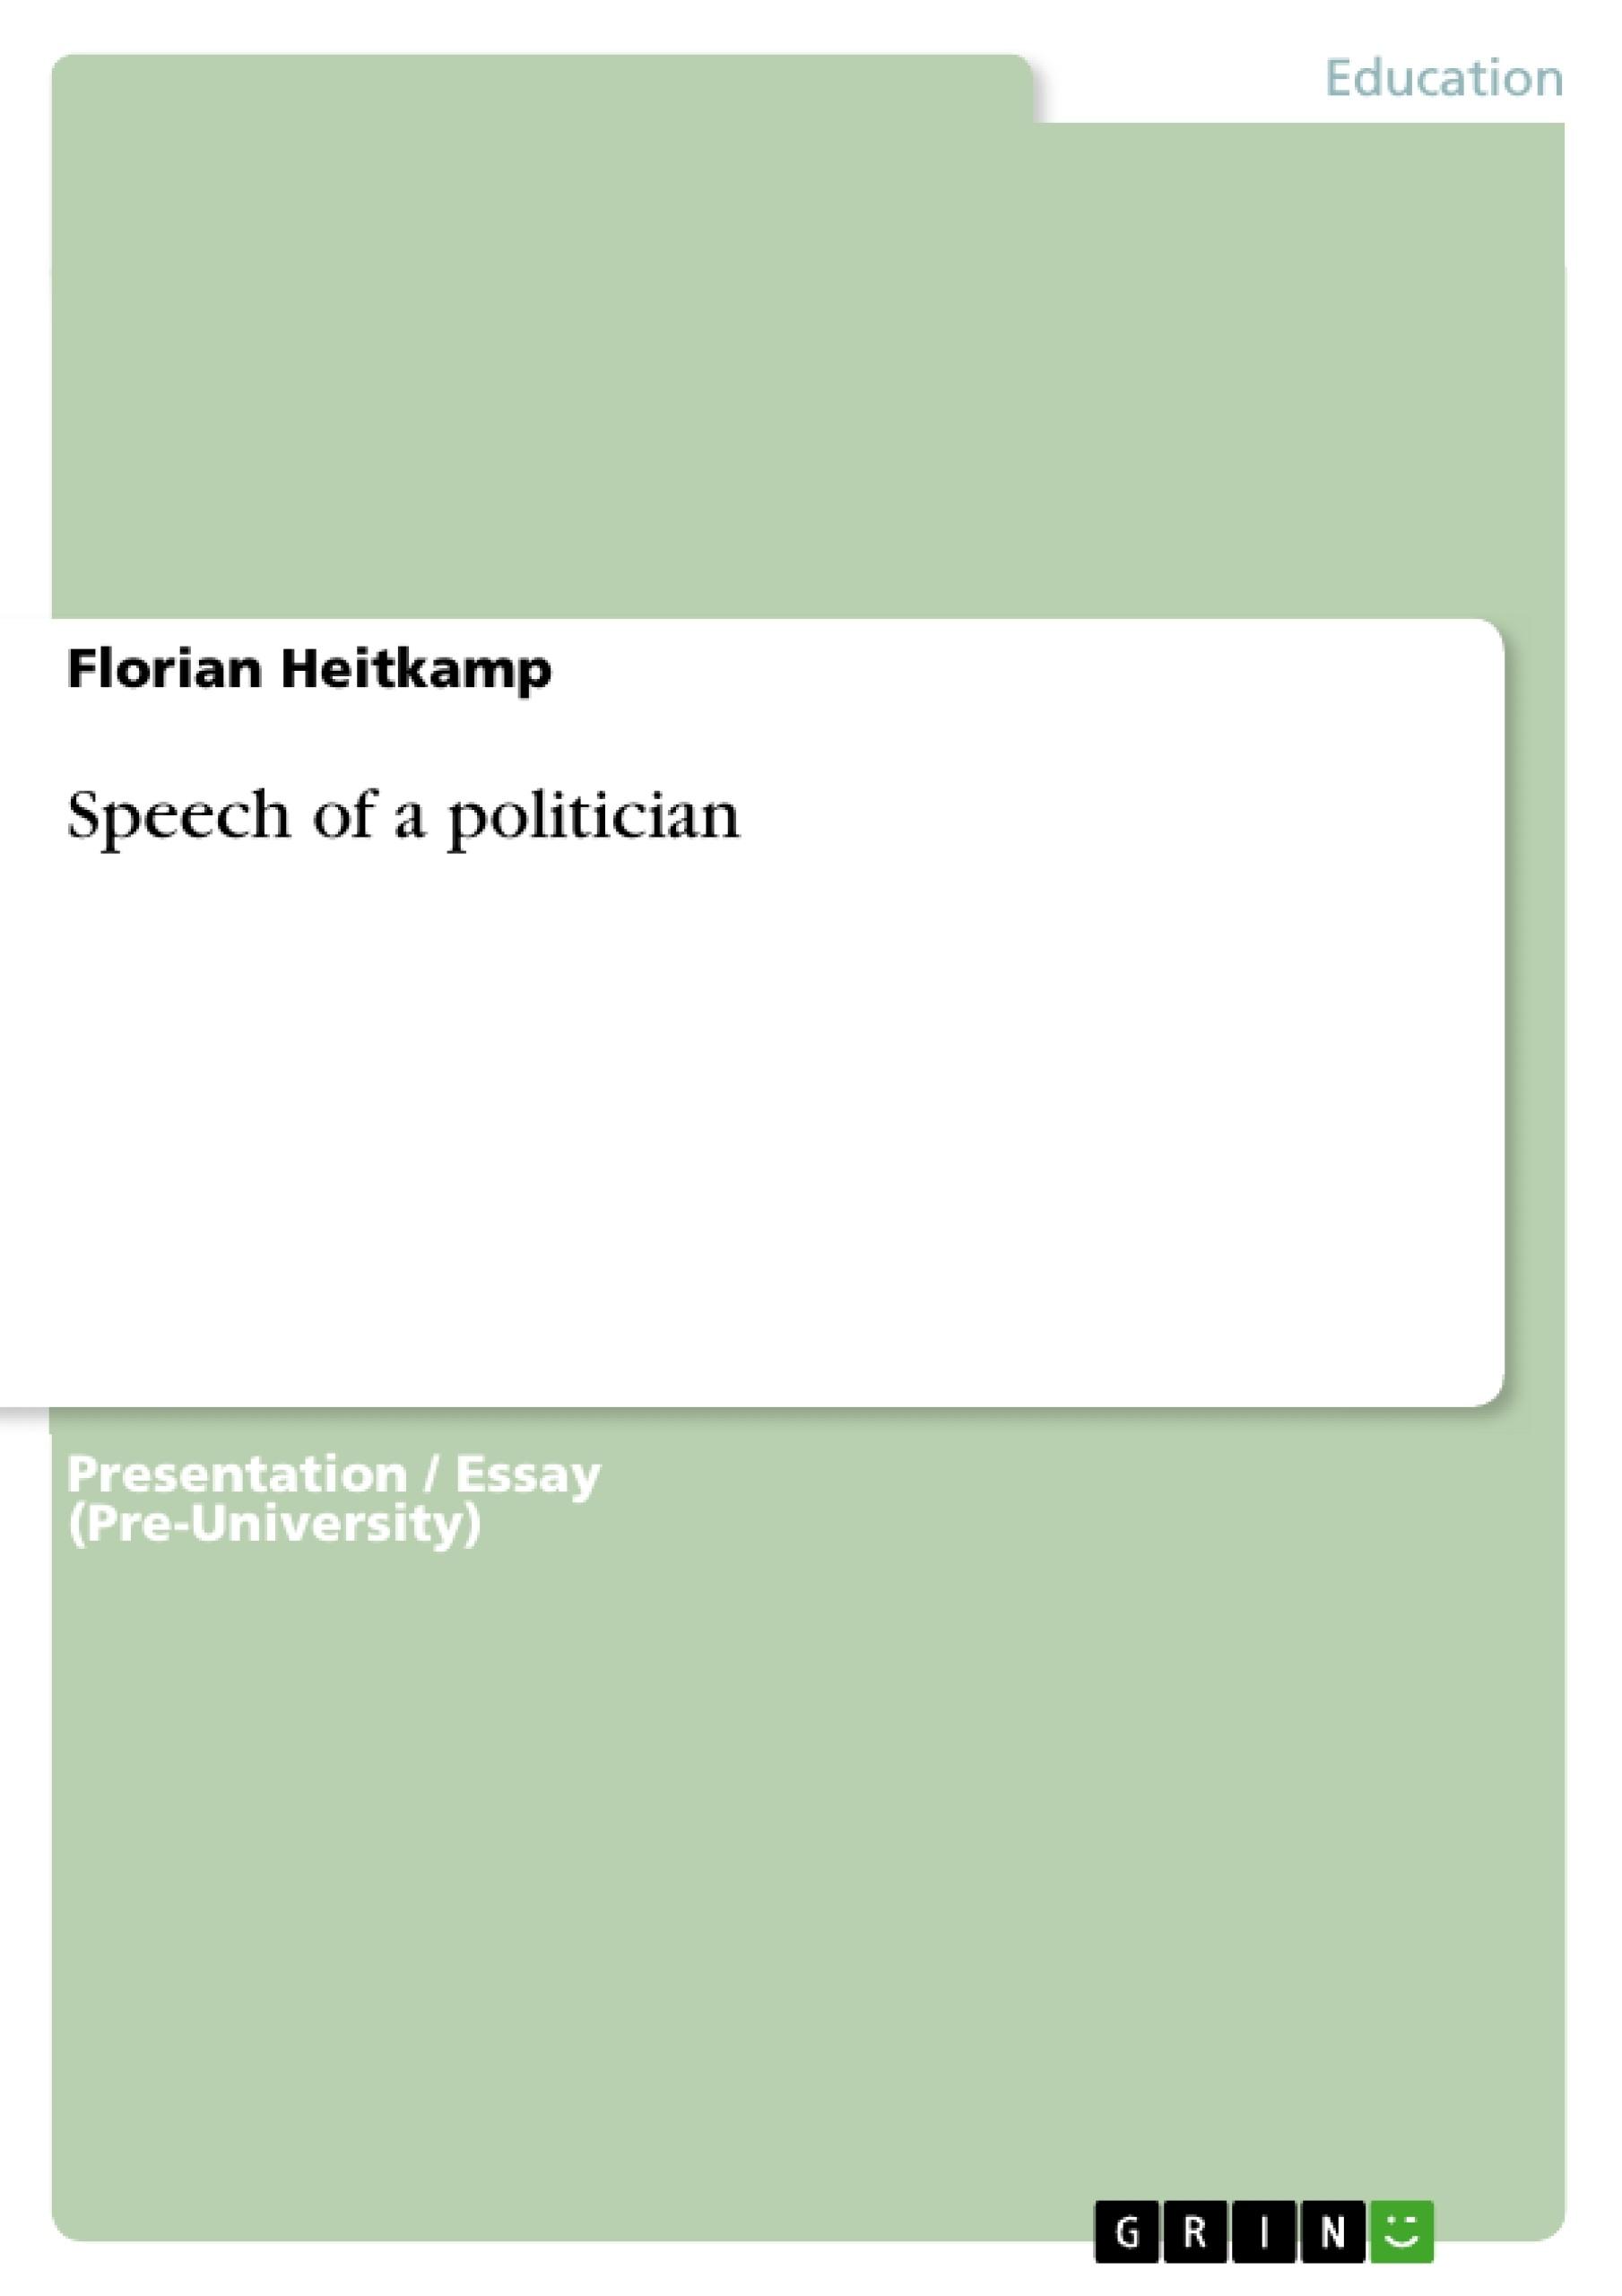 Title: Speech of a politician